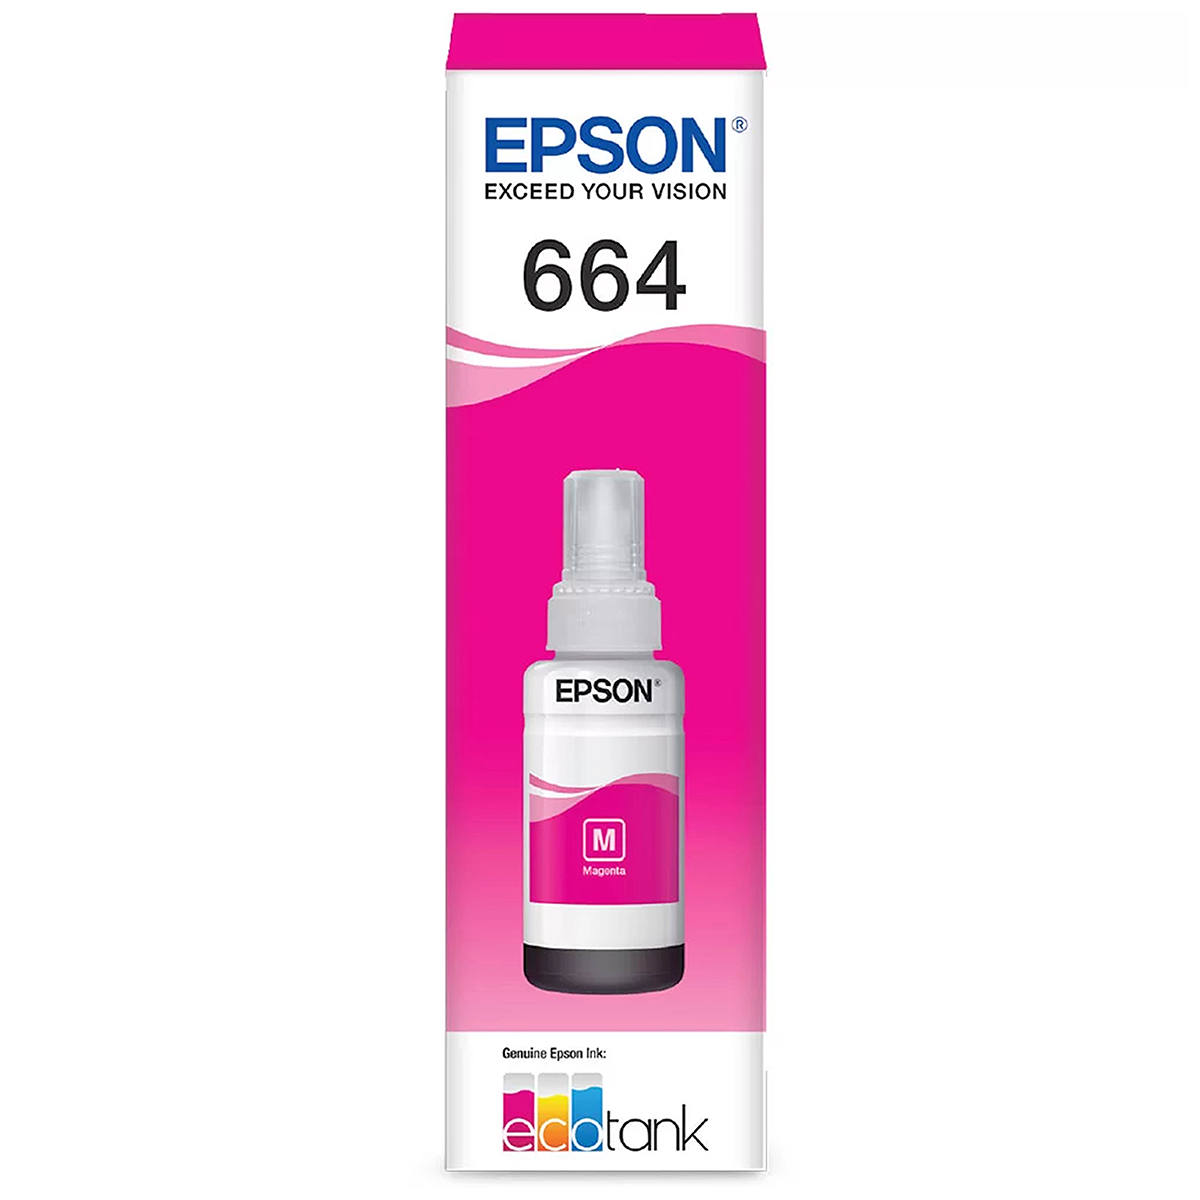 Tinta Epson 664 T664320 T664320AL Magenta Original para Ecotank L310 L365 L375 L110 L355 L606 L1455 Refil de 70ml